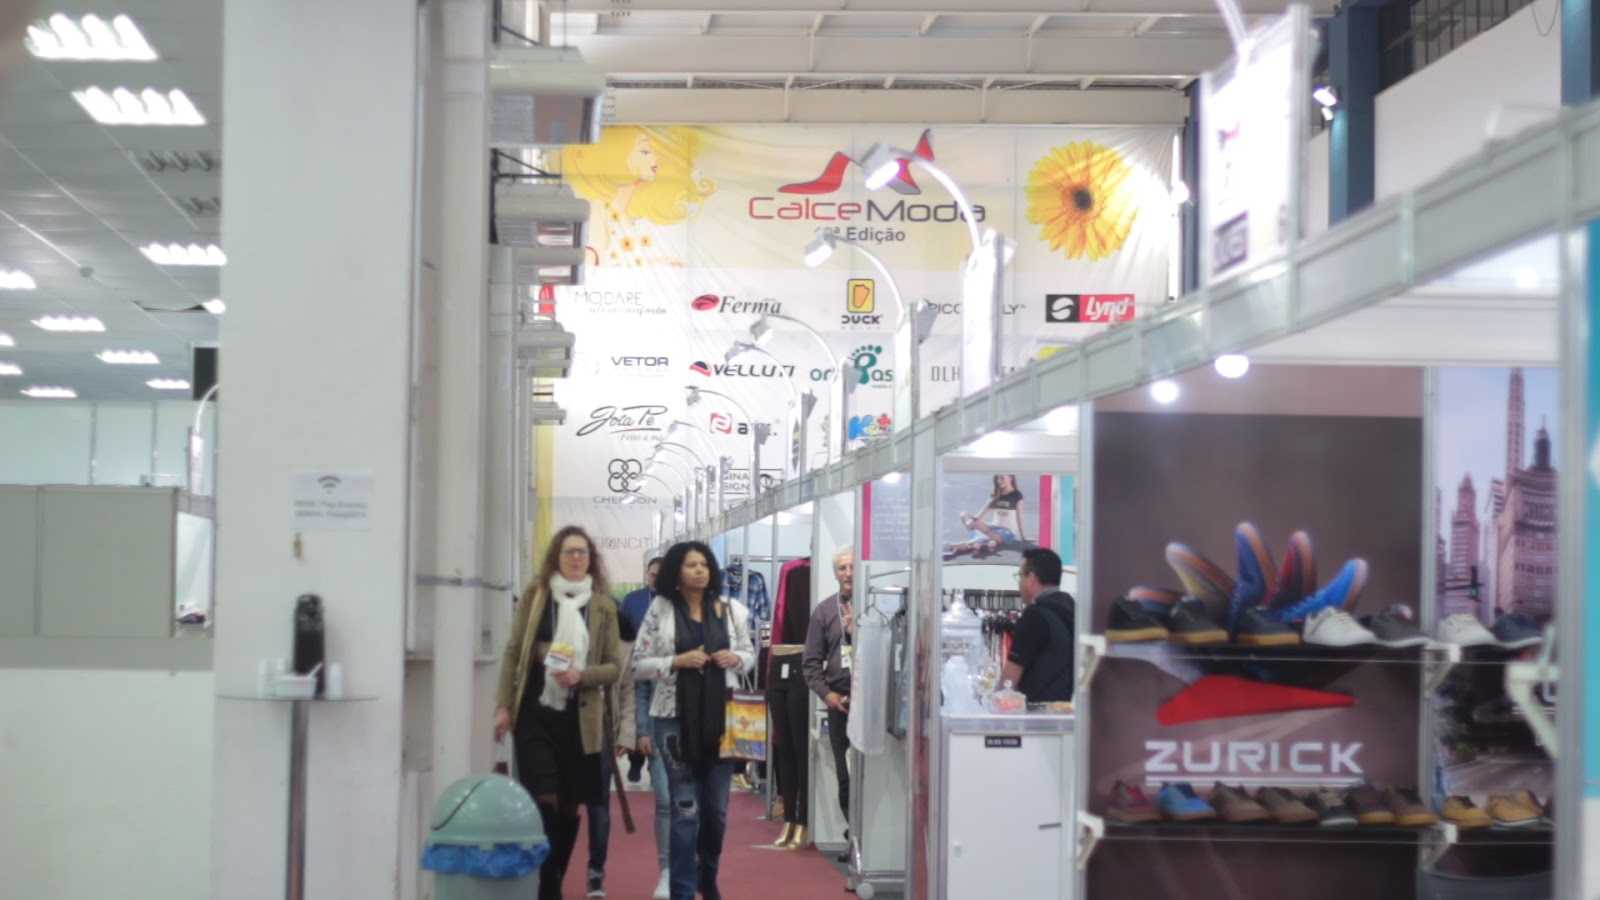 Entre as novidades está o lançamento da Actvitta, nova marca de moda  esportiva da Beira Rio. Inspirada no universo wellness, a Actvitta tem como  proposta a ... ffaa0d4ec2